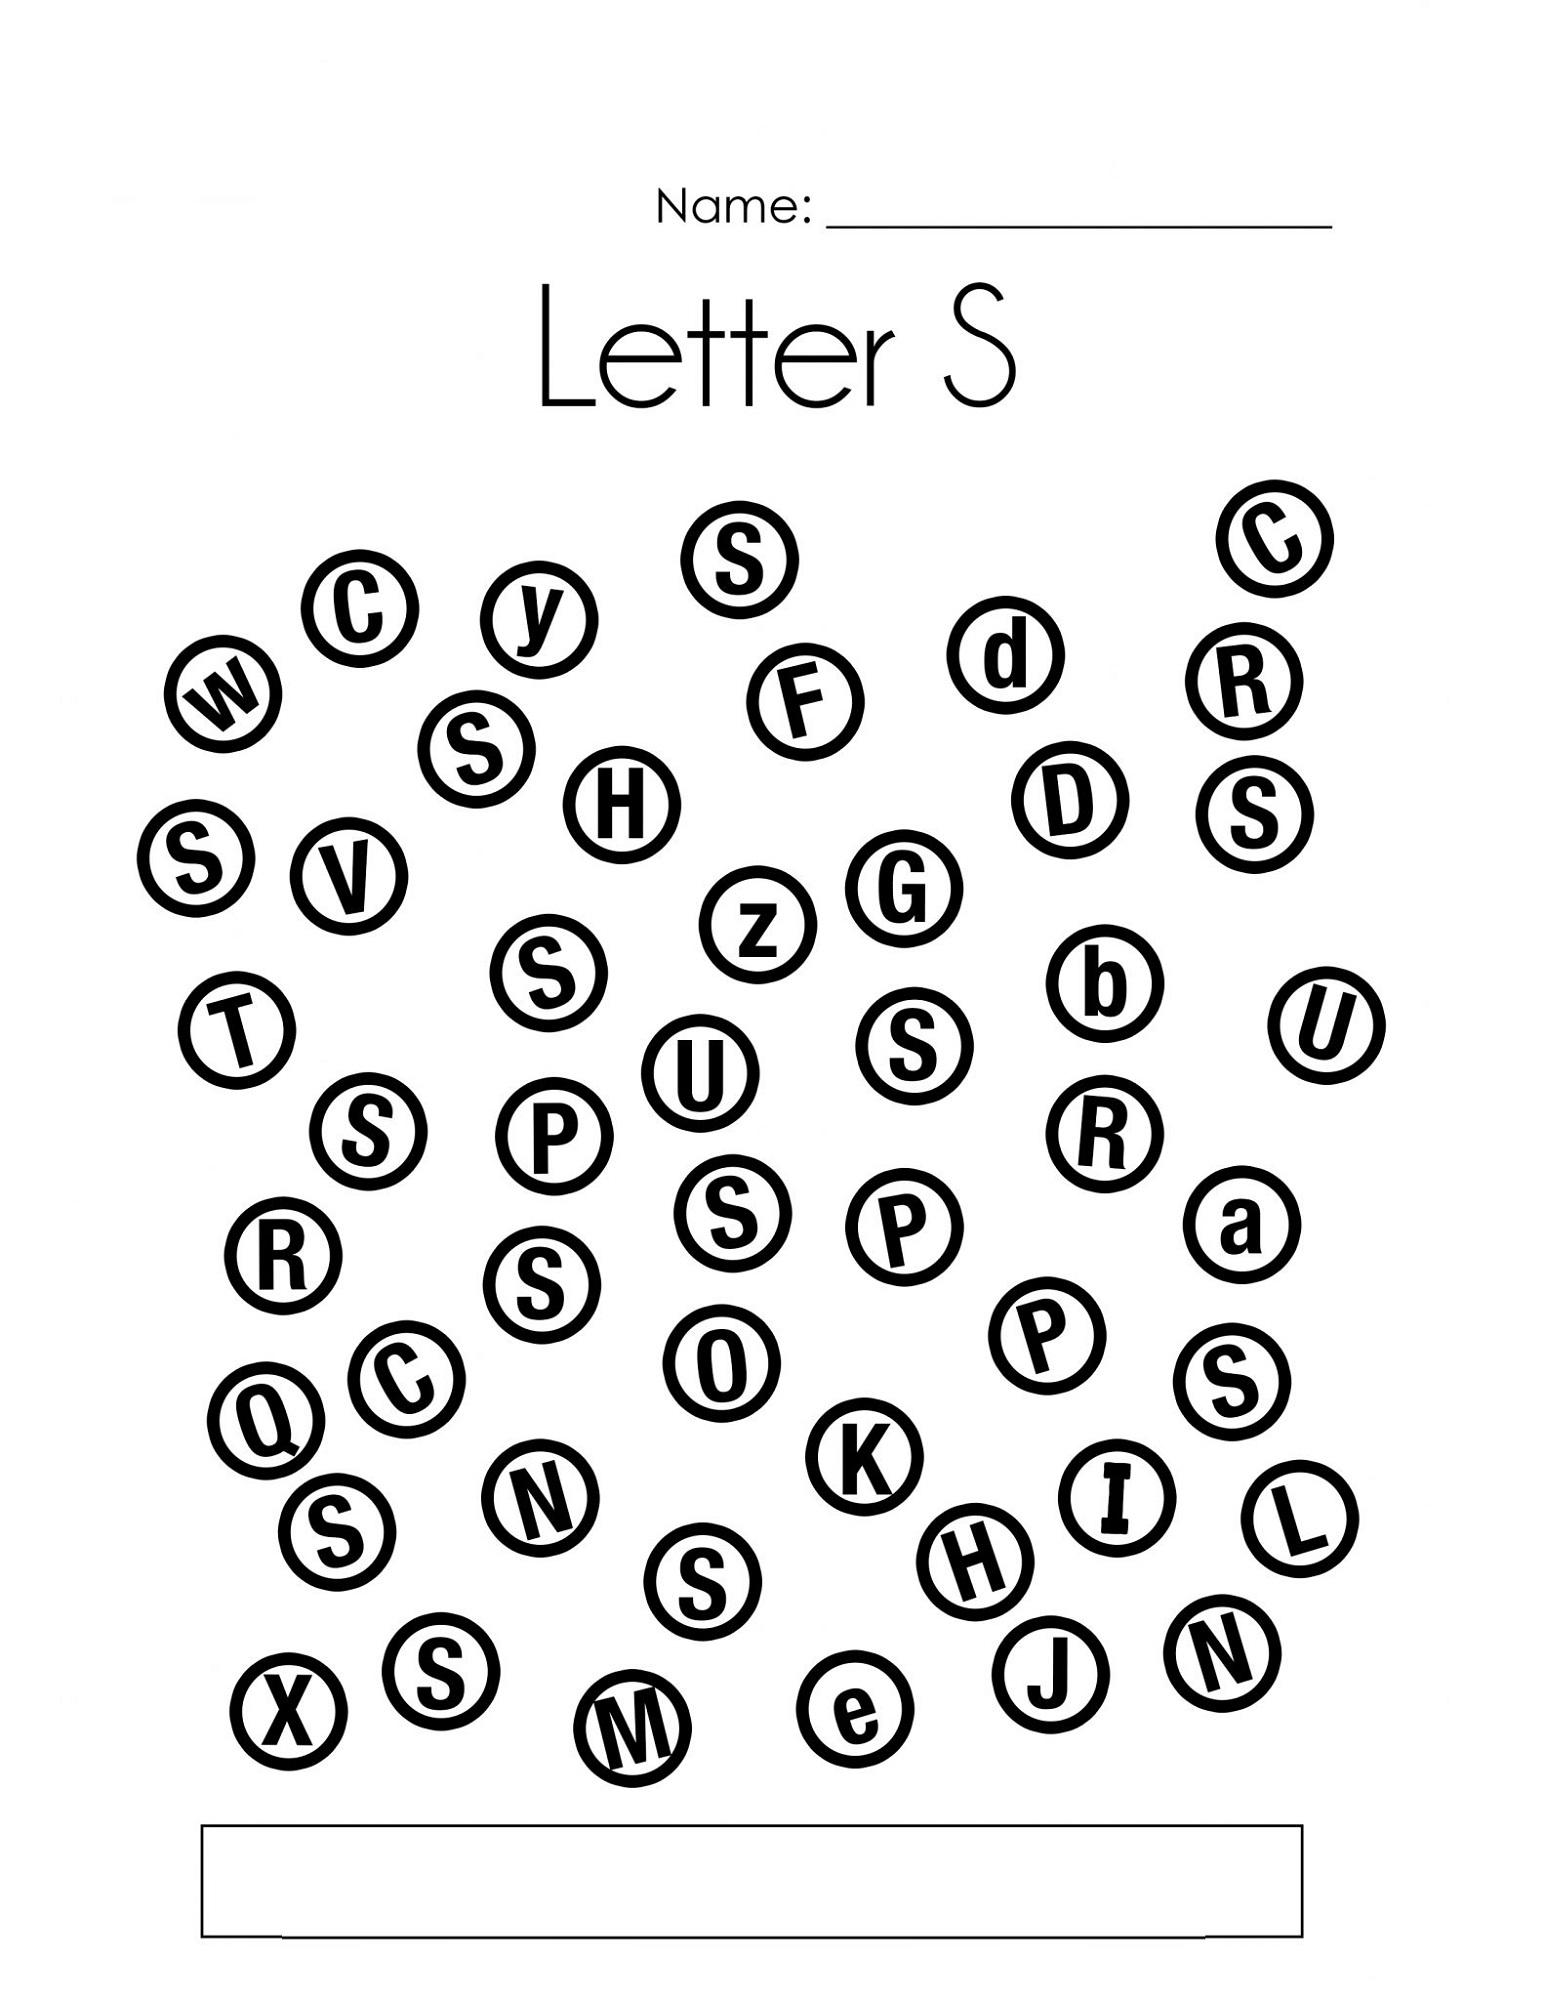 Find Letter S Worksheets